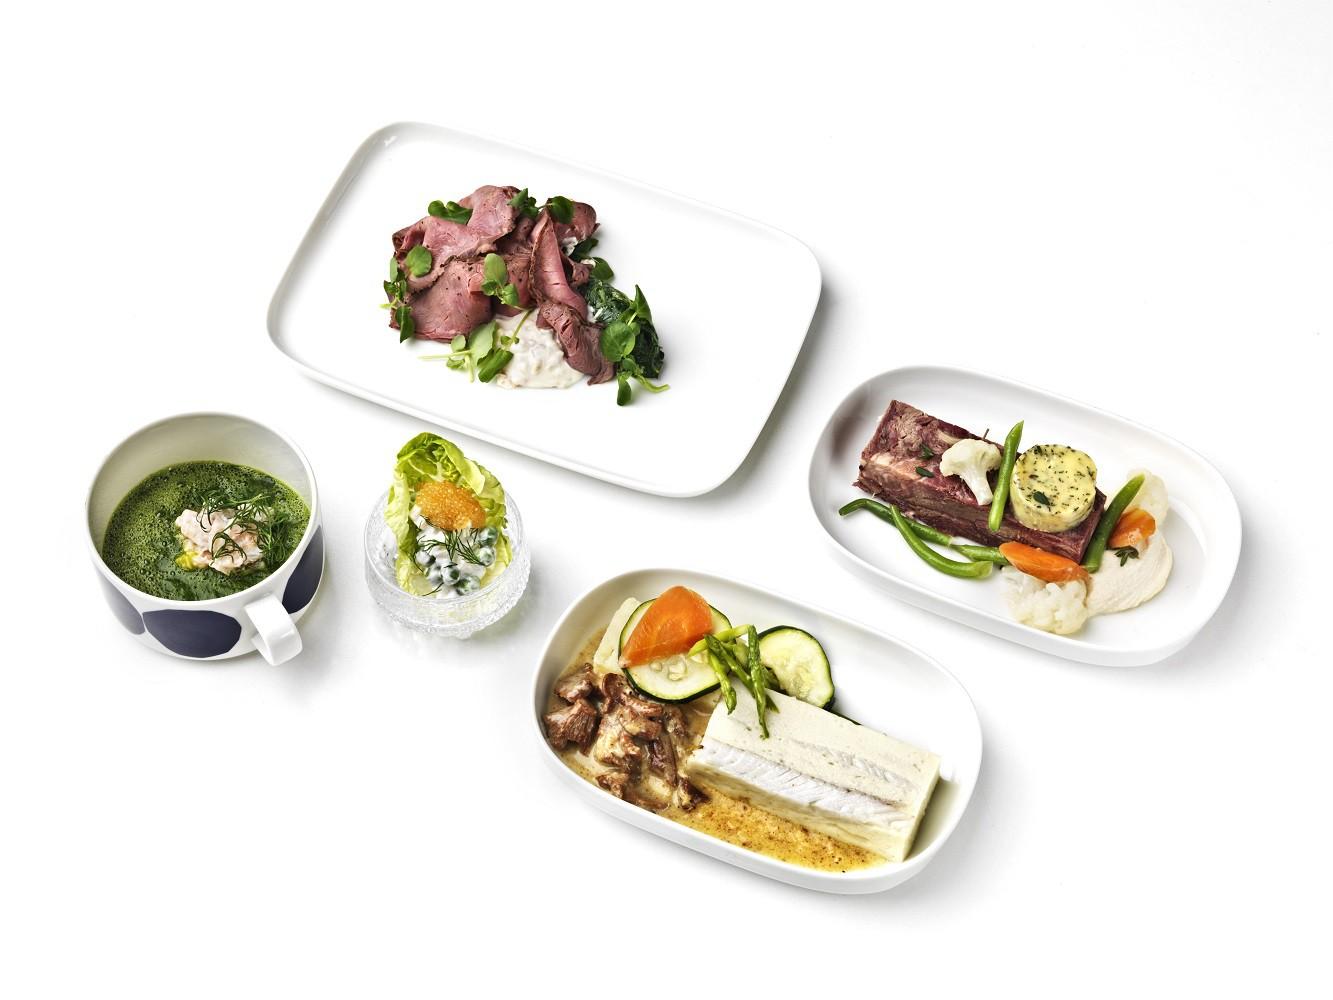 Spotkanie wschodu z zachodem: jedyne w swoim rodzaju kulinarne doznania podczas rejsów dalekodystansowych Finnaira w klasie biznes